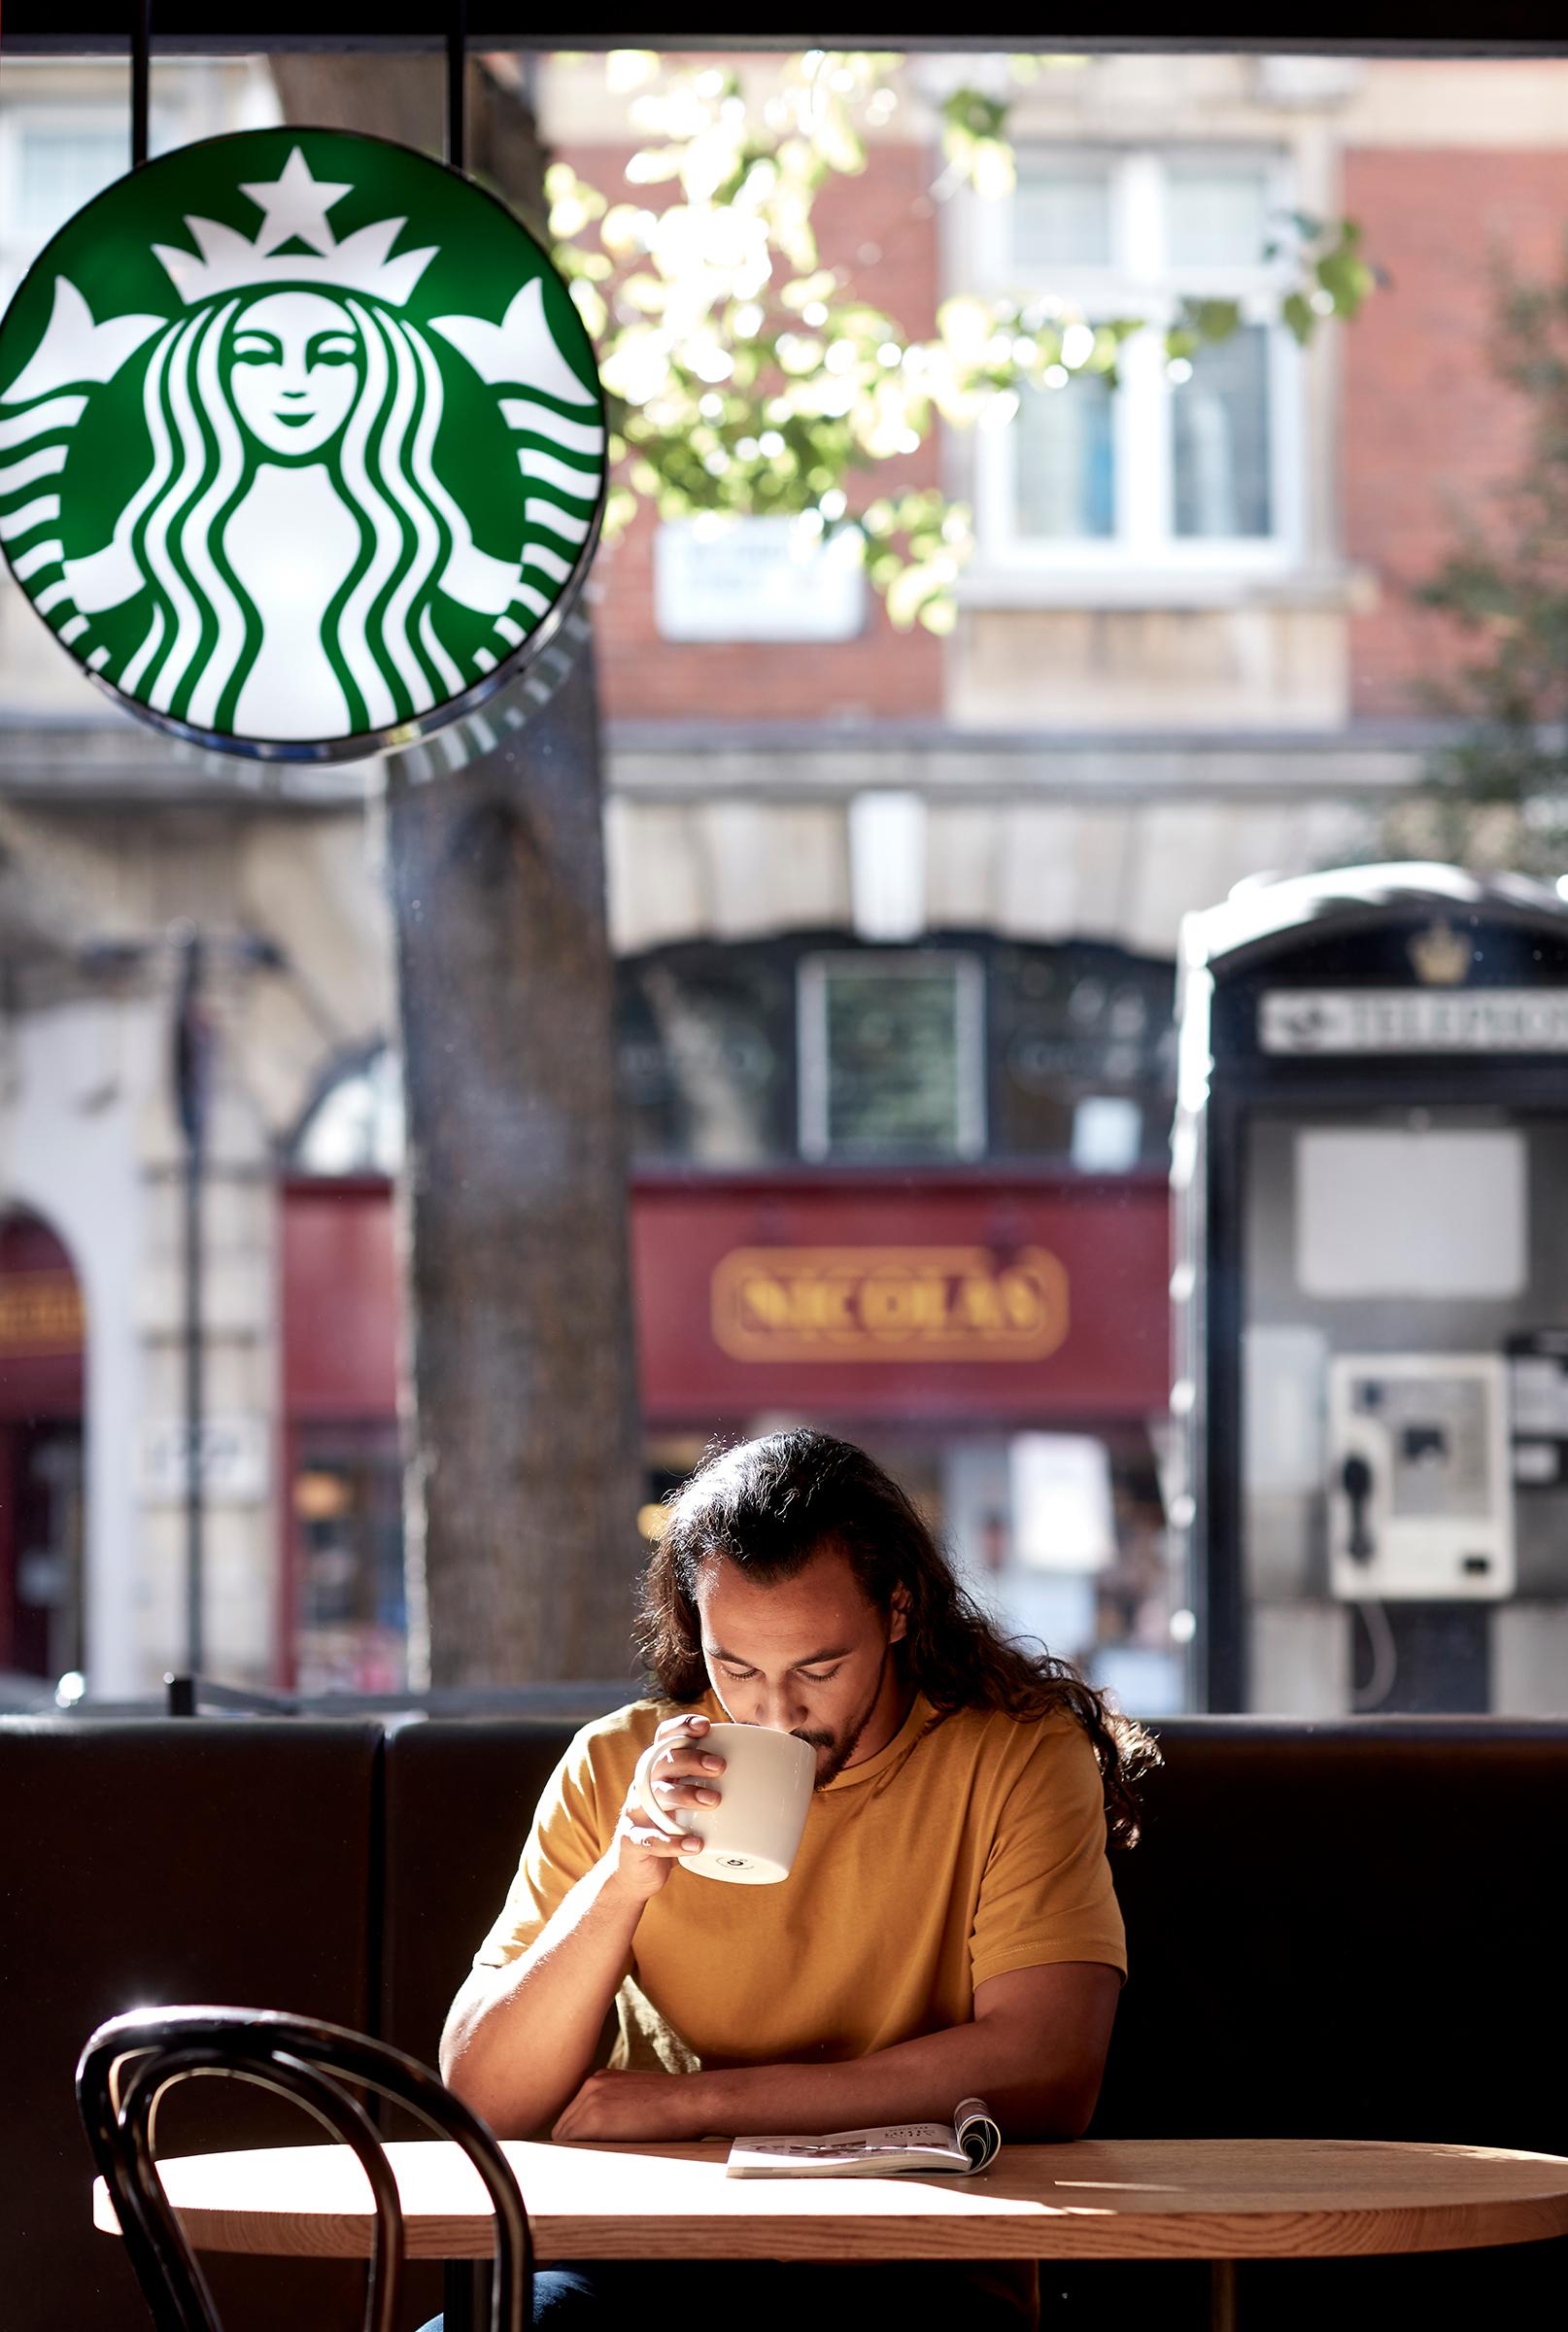 21-9-18-Starbucks13007.jpg